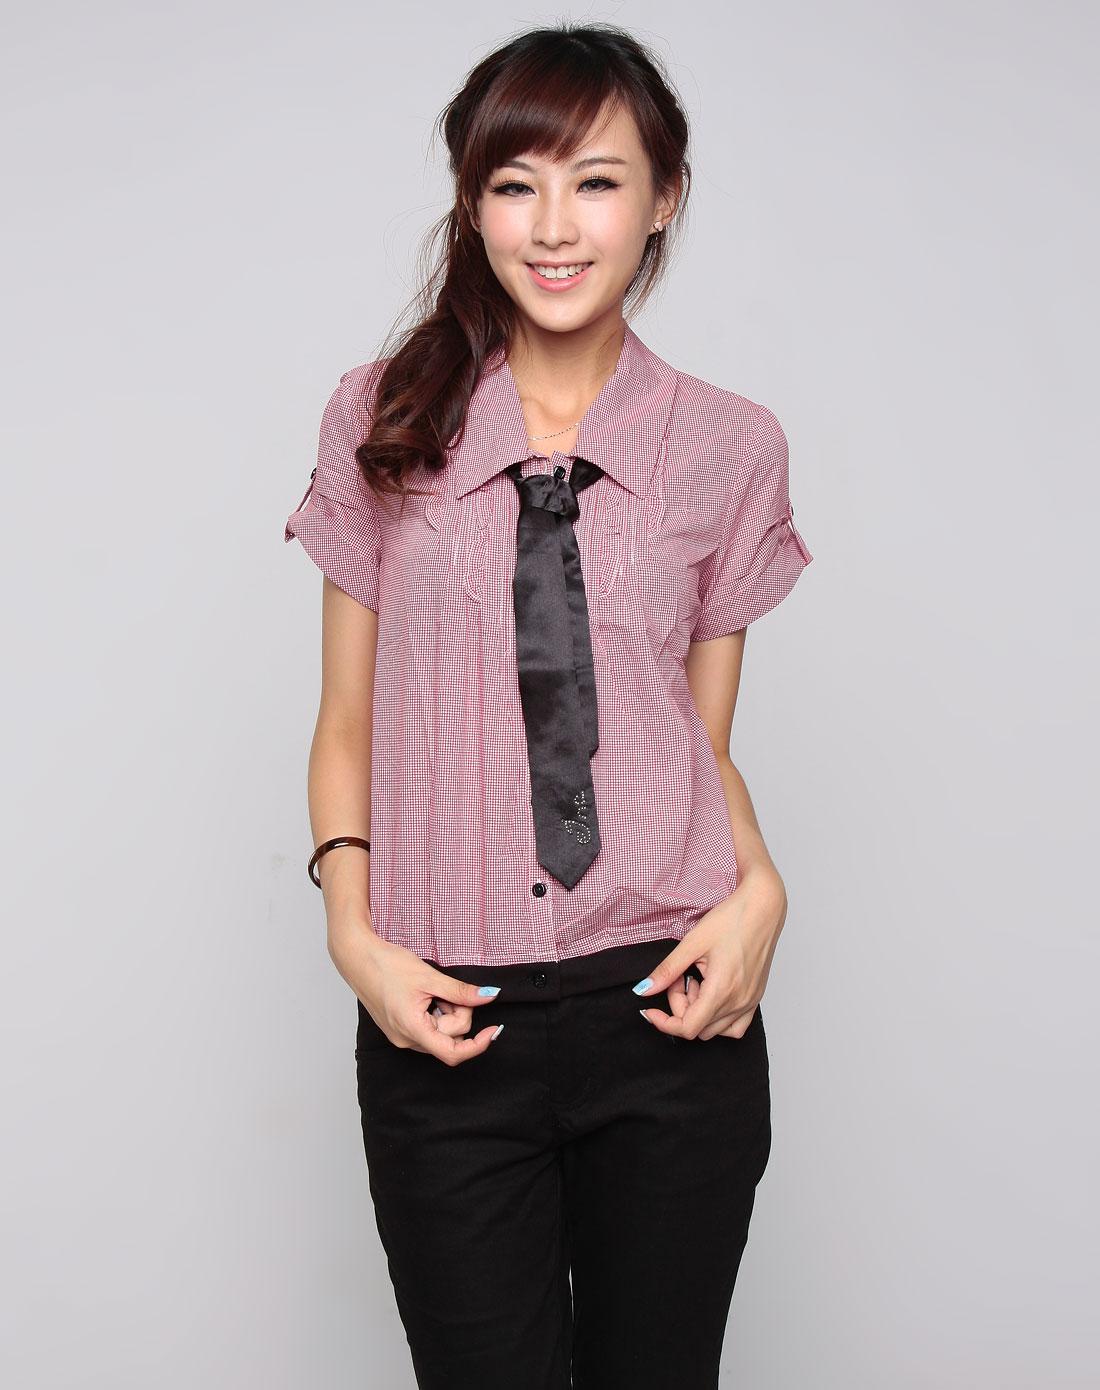 红/白色格子黑领带短袖衬衫